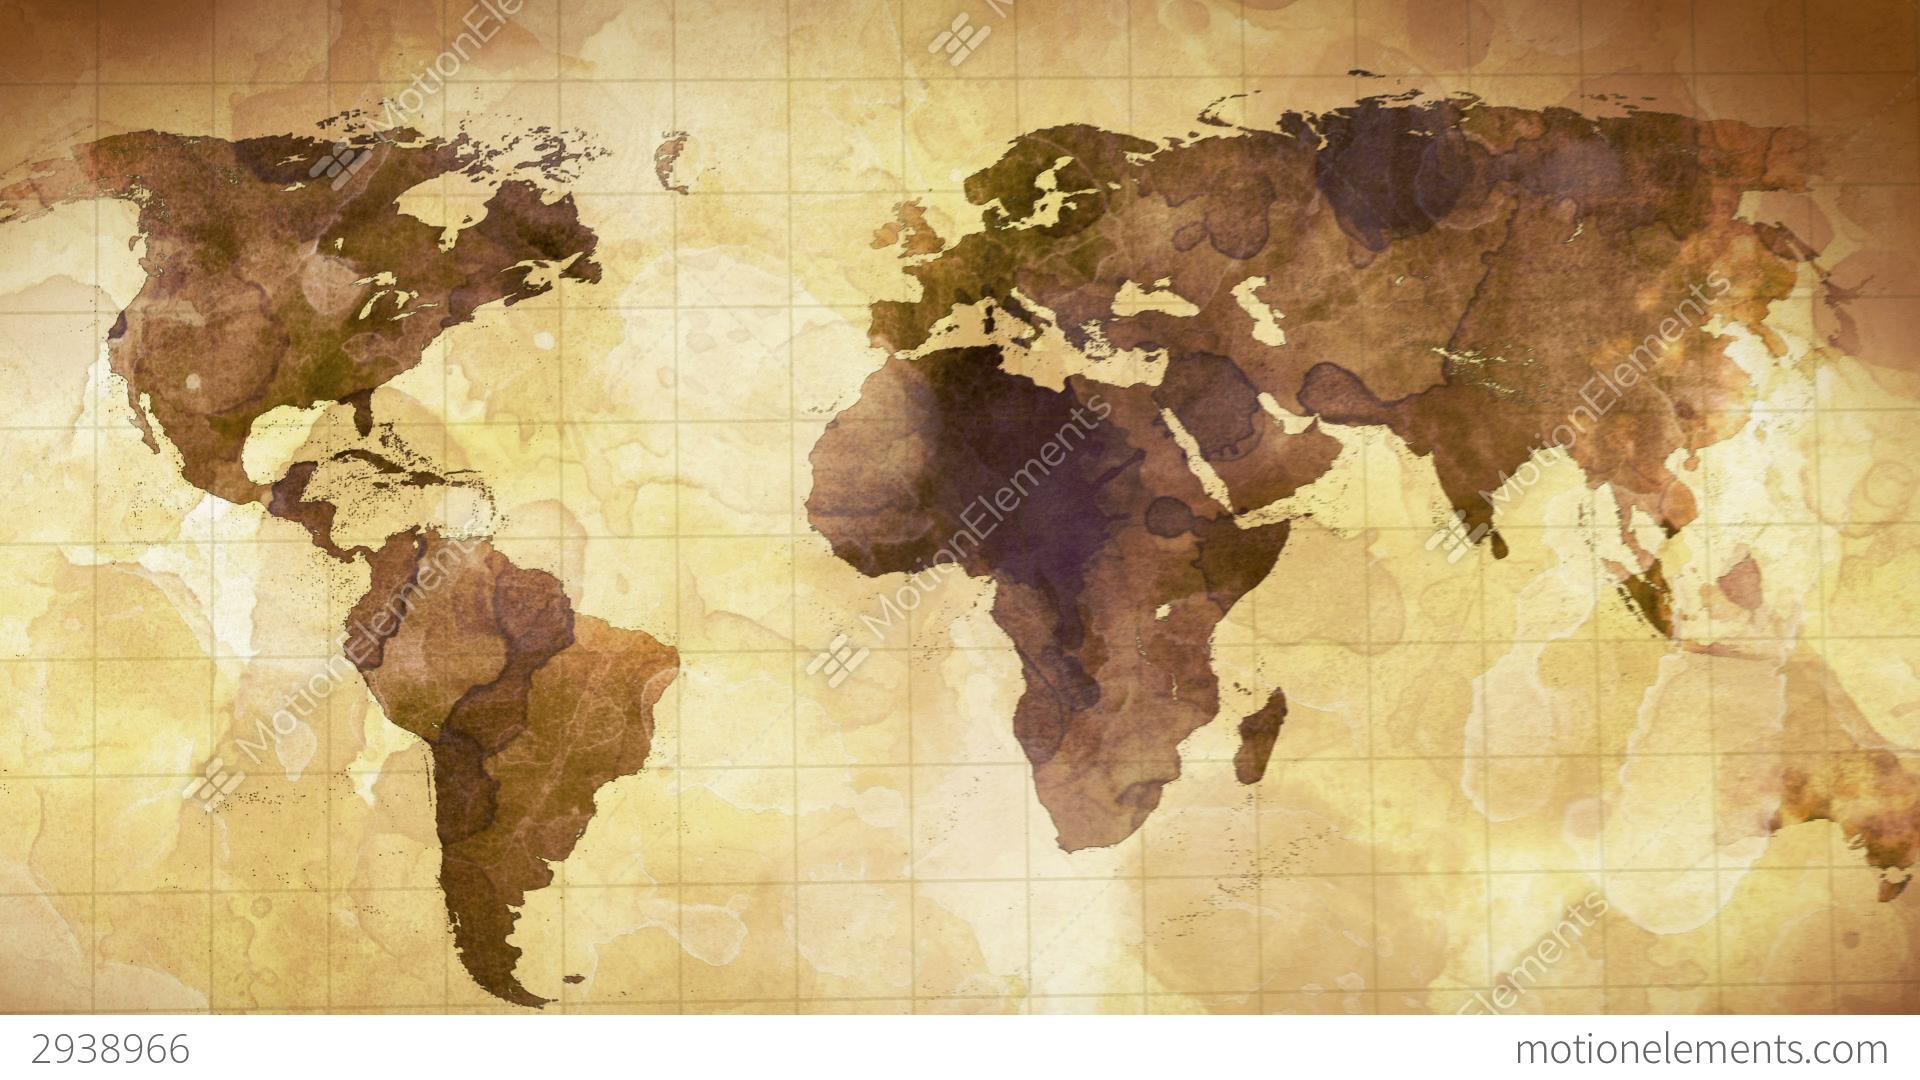 Vintage Grunge World Map Animation Stock Animation 2938966